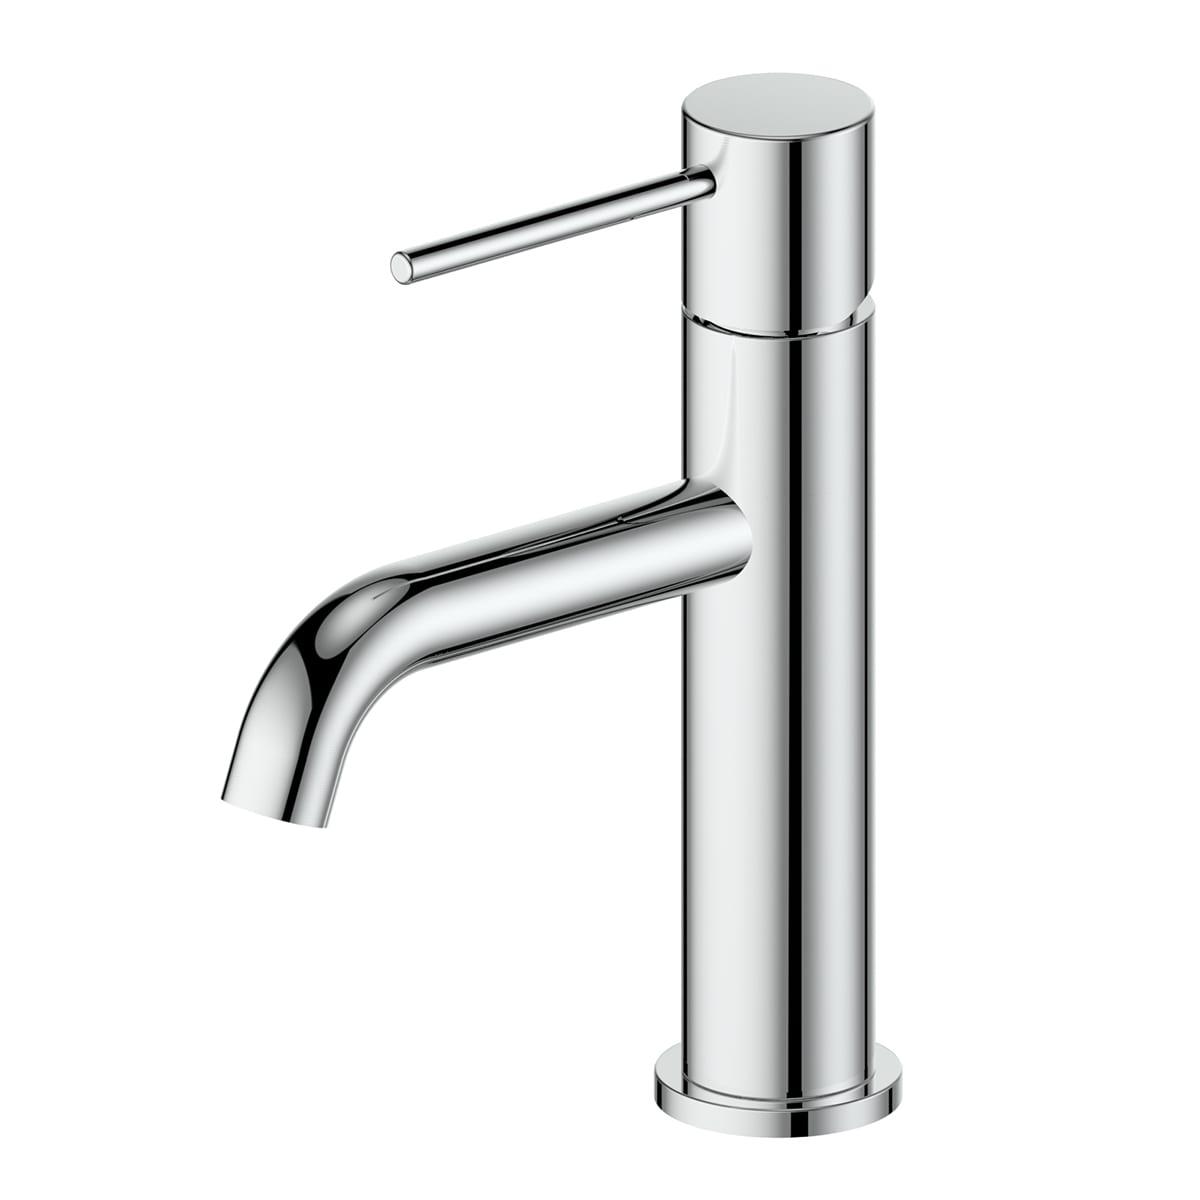 18402550-Gisele-Basin-Mixer-Chrome